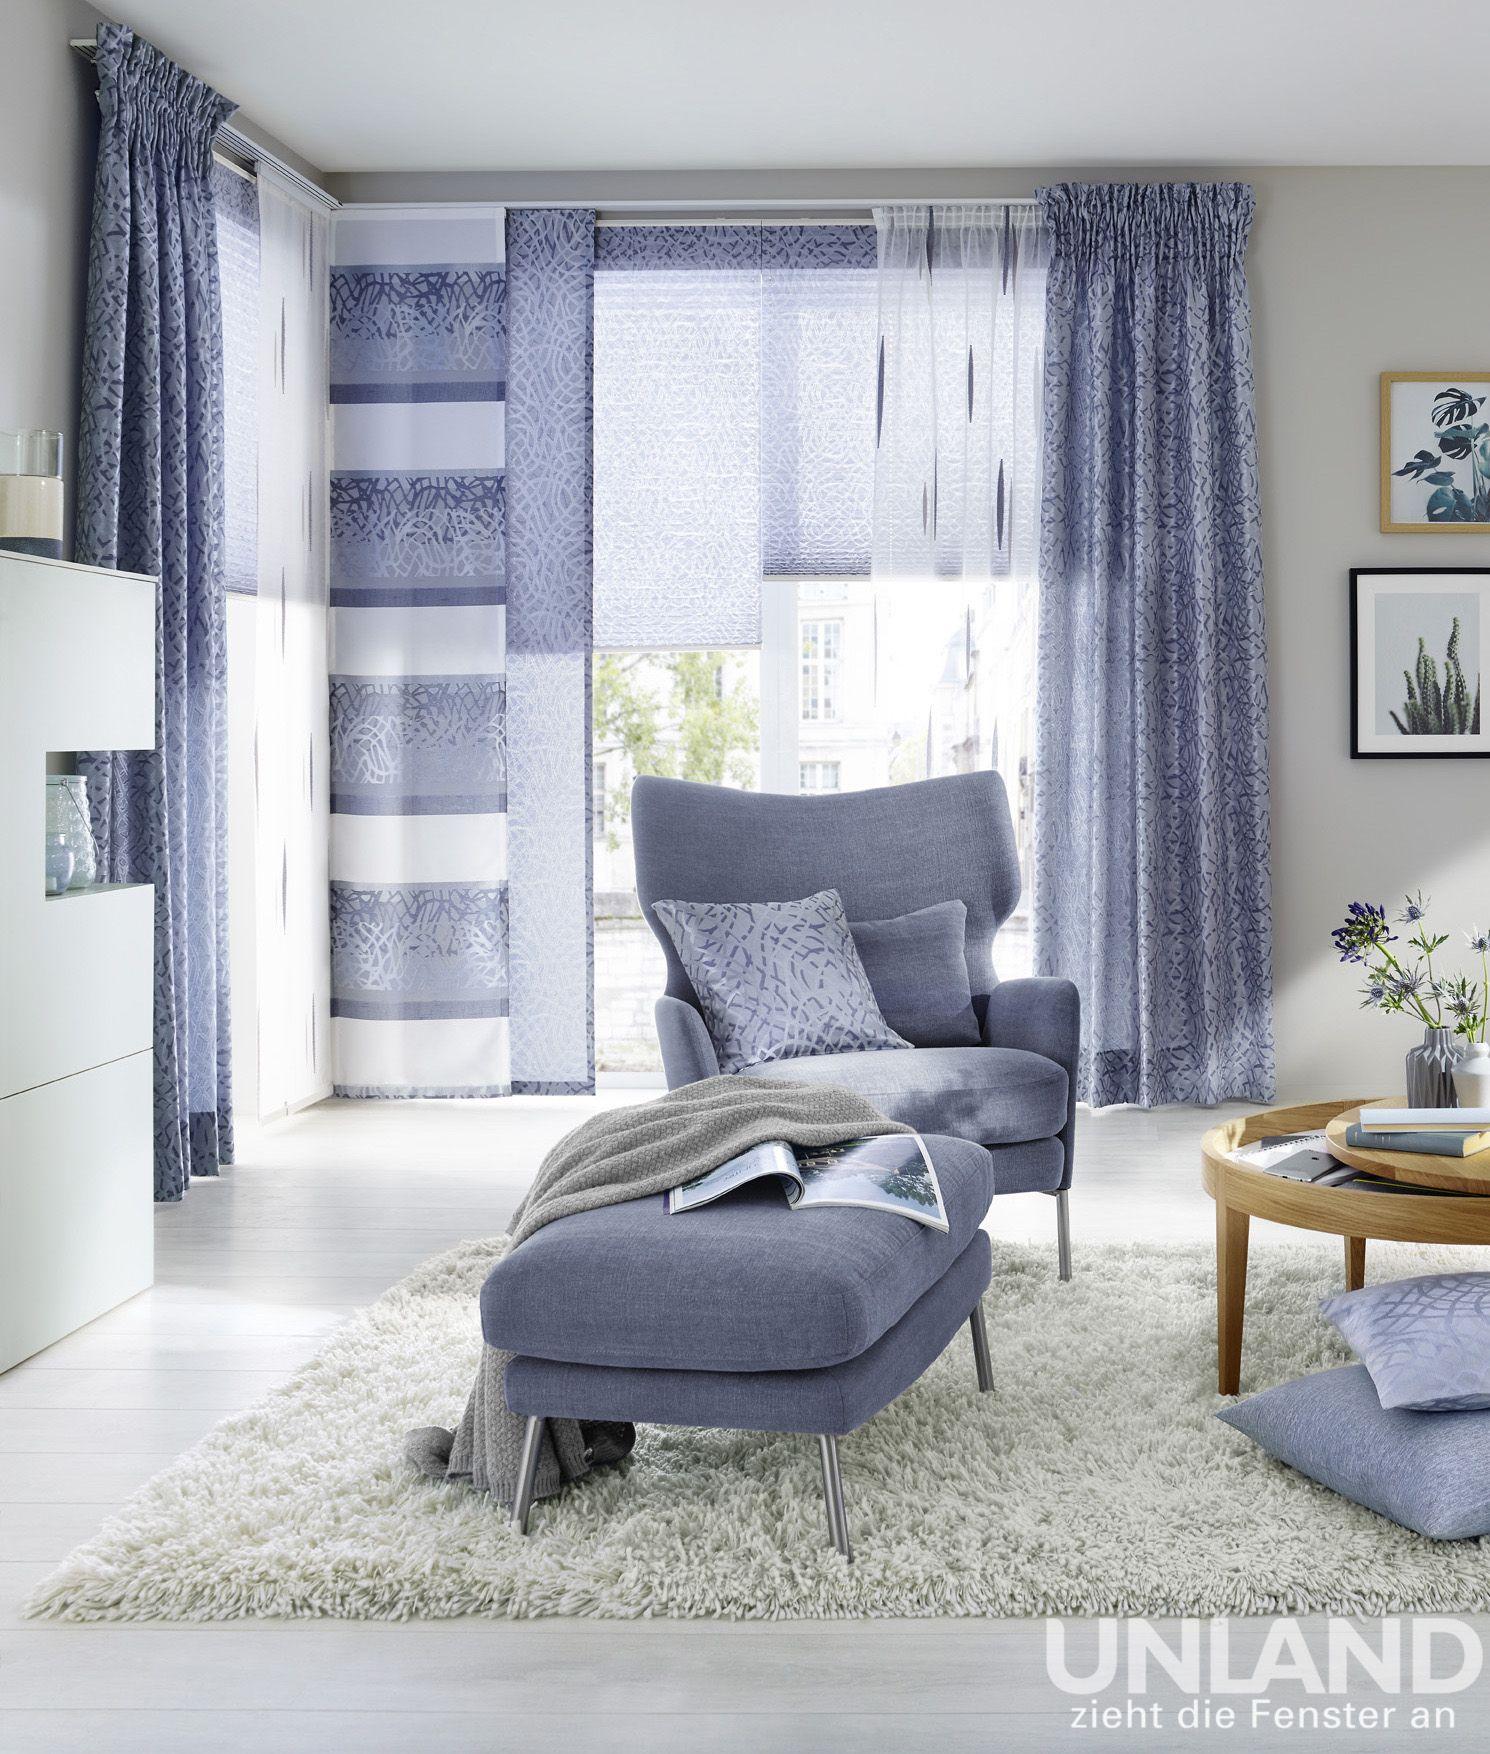 Fenster Vita Gardinen Dekostoffe Vorhang Wohnstoffe Plissees